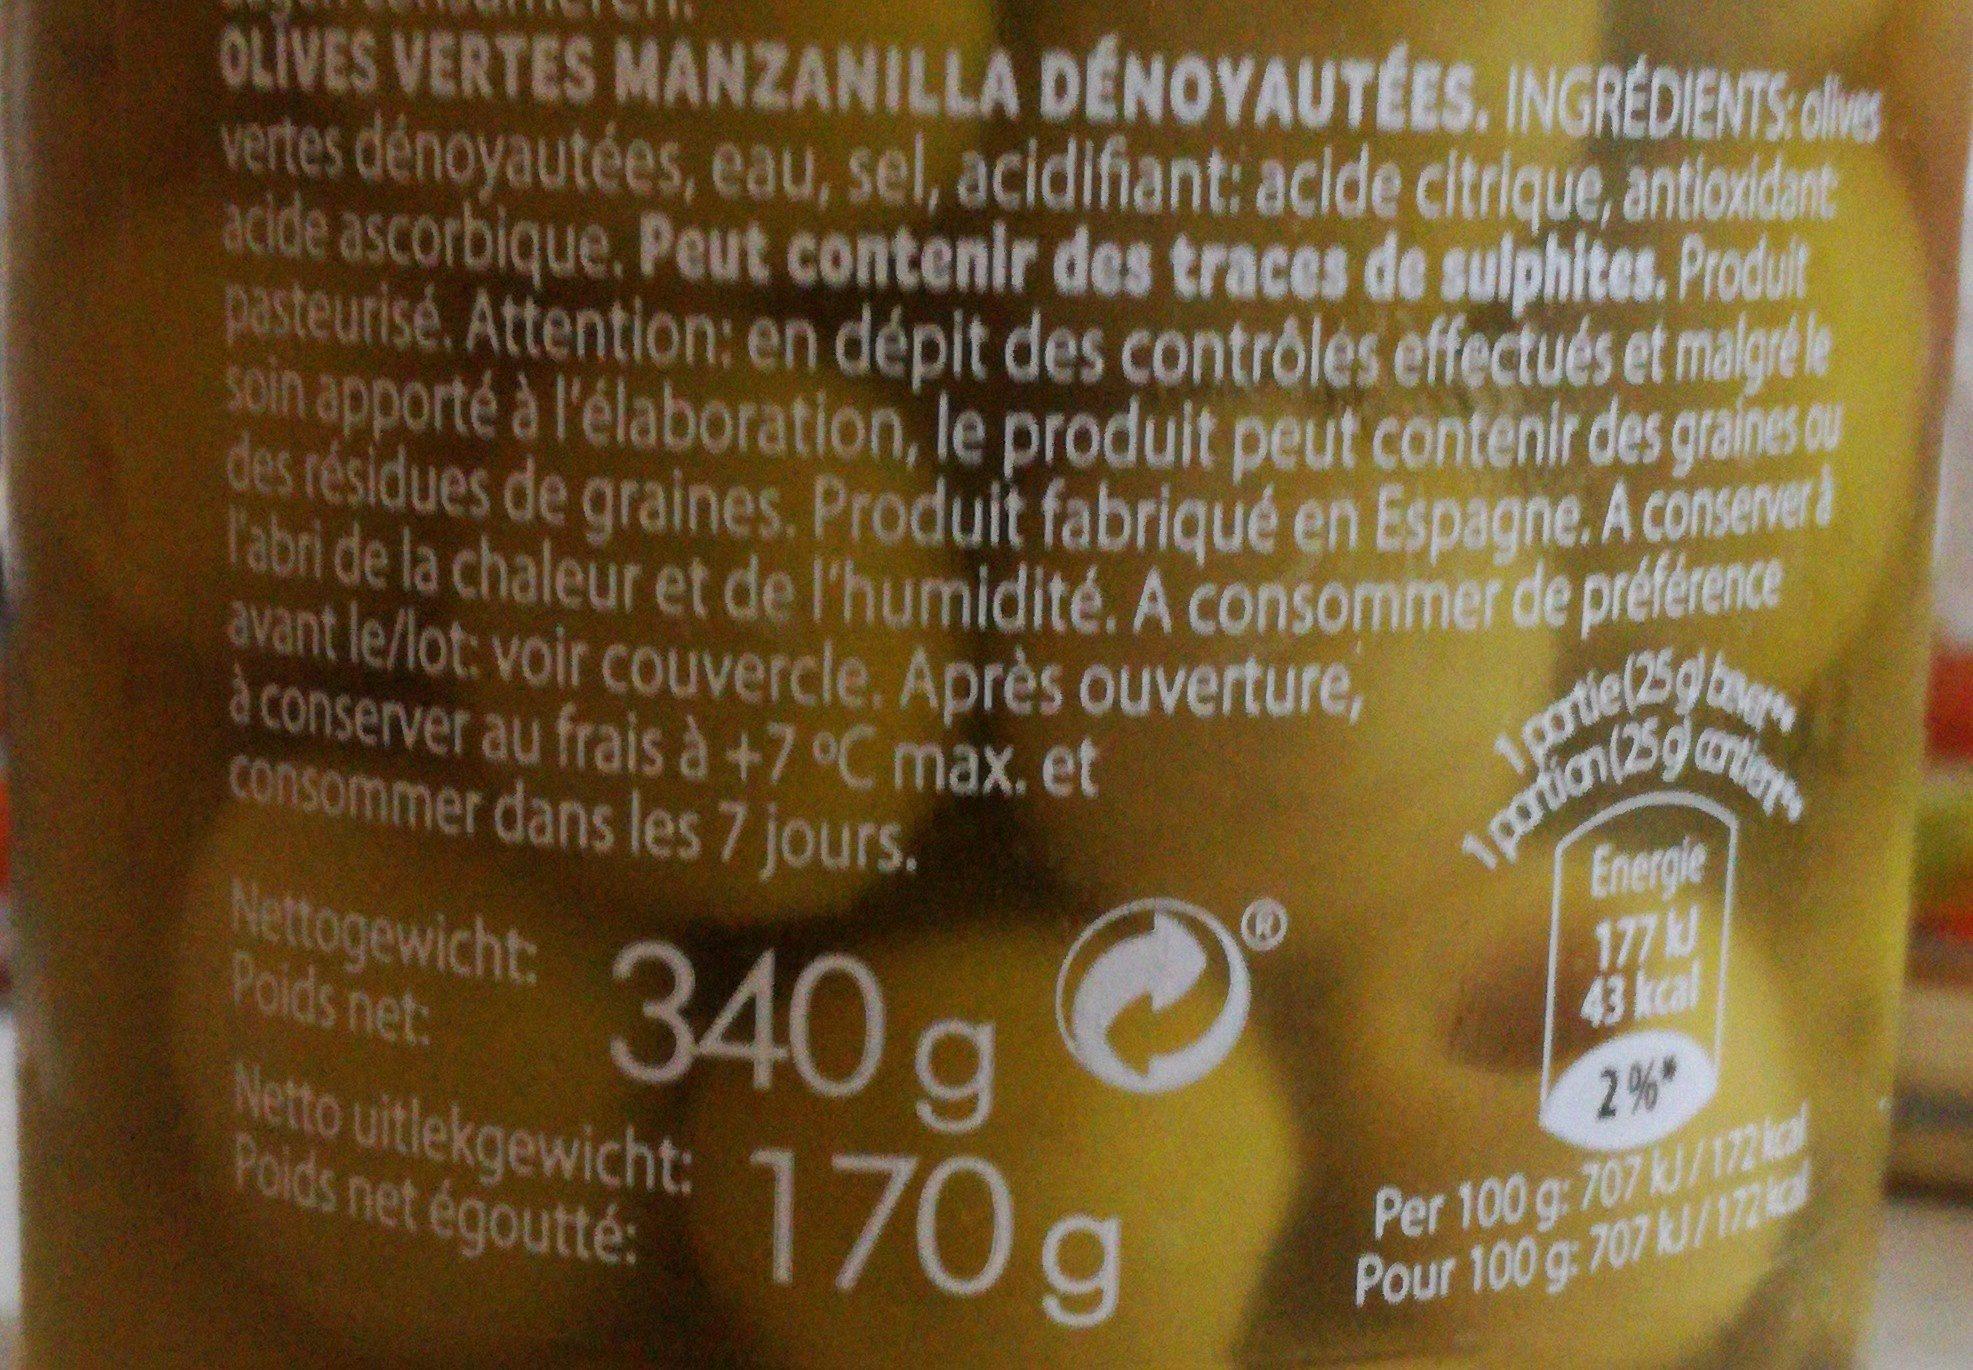 Olives vertes - Ingrediënten - fr